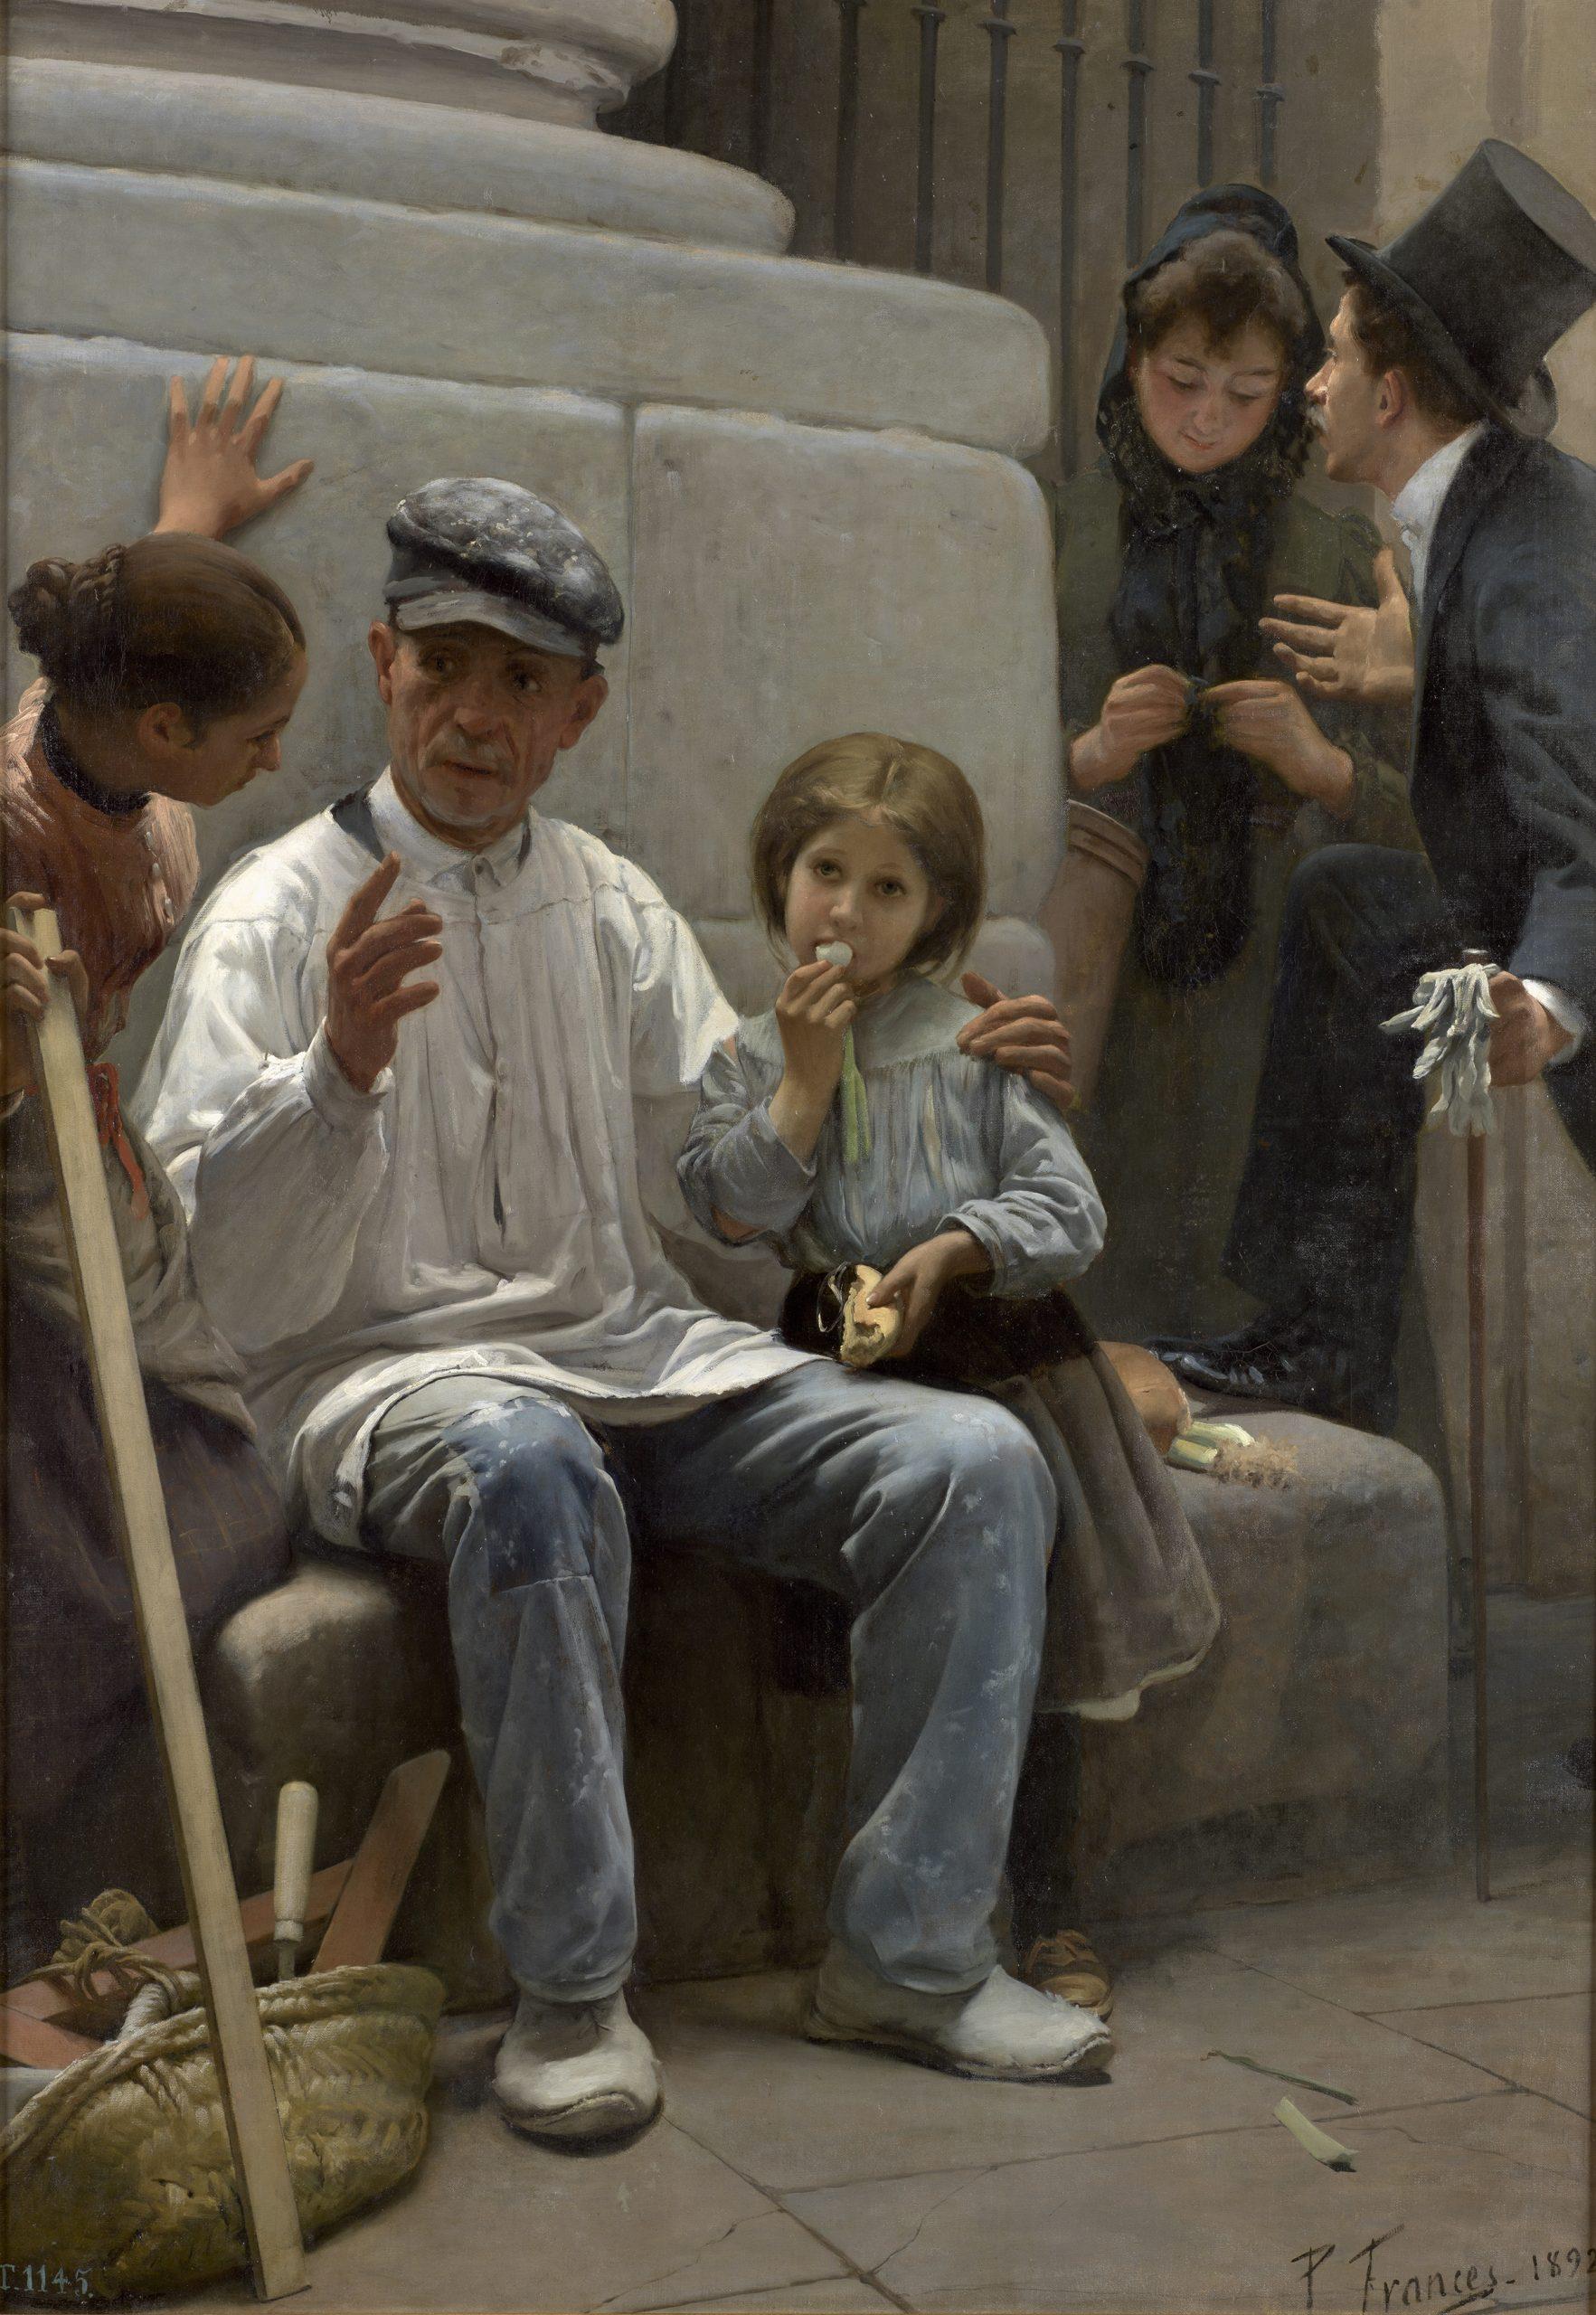 3-El-consejo-del-padre-Placido-Frances-y-Pascual-Museo-del-Prado-scaled